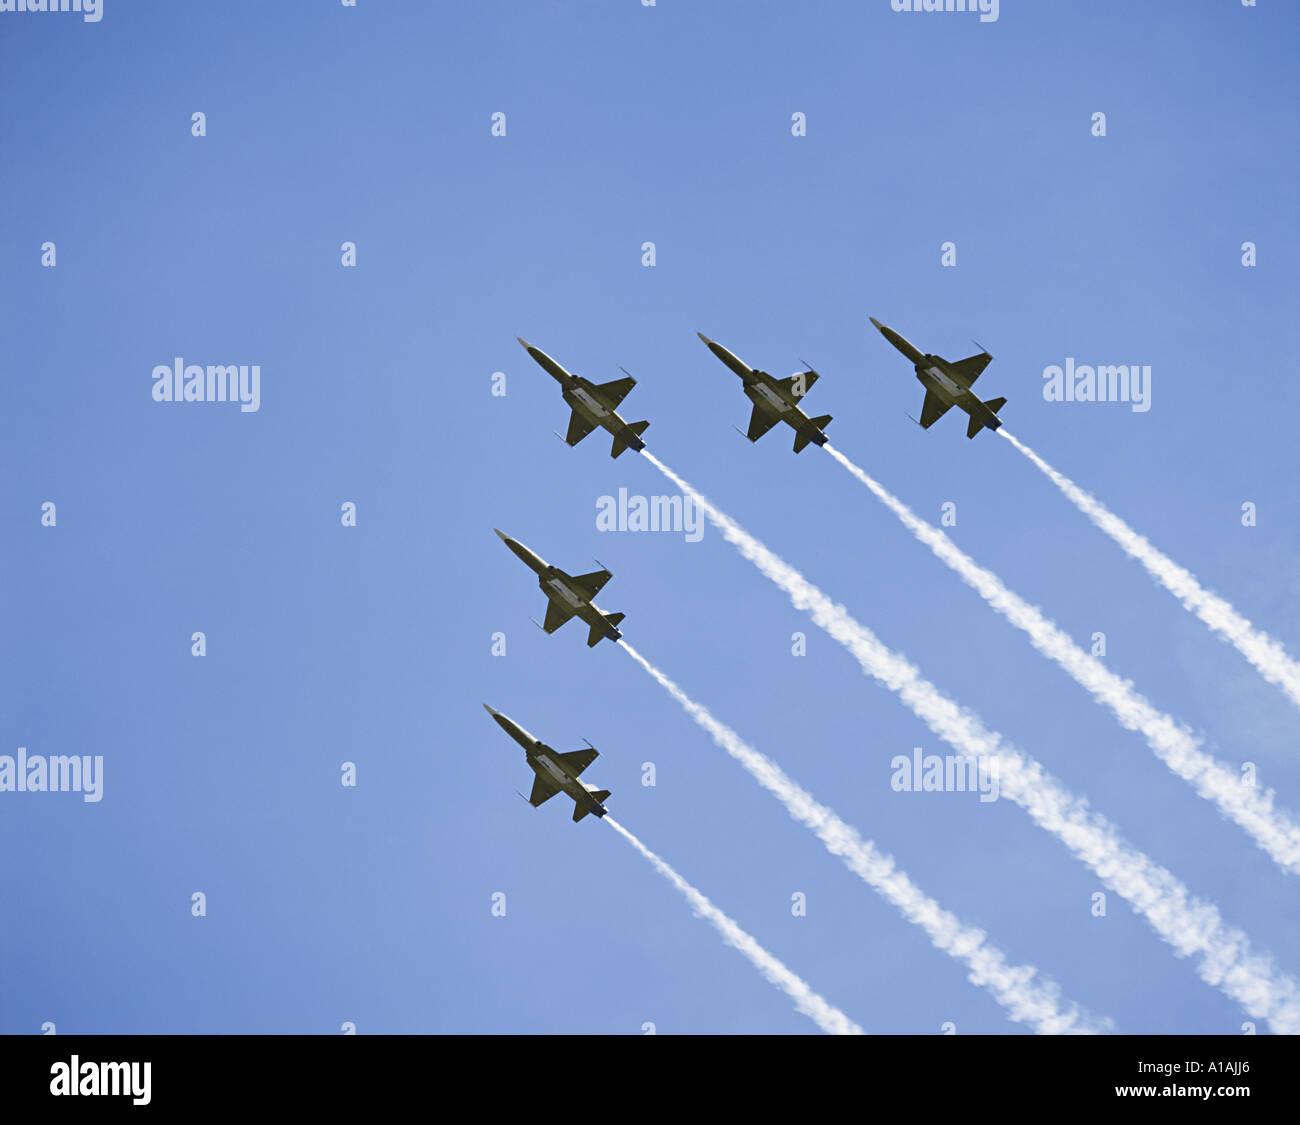 Air force aerobatic team - Stock Image